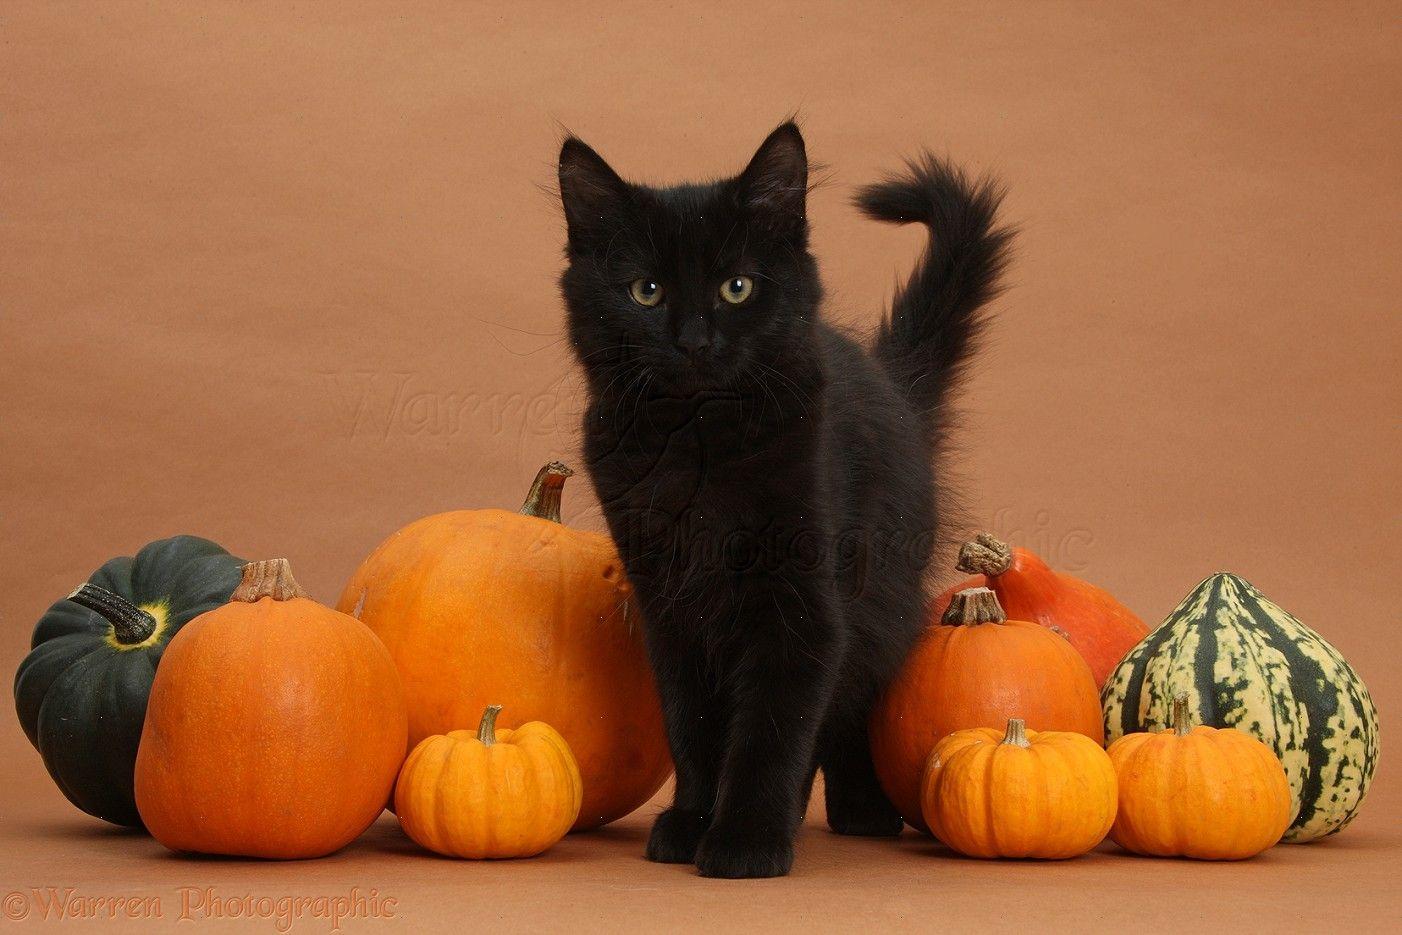 Good Wallpaper Halloween Kitten - 3f72defc8a33a1292e1e1c992d43b679  Picture_693249.jpg